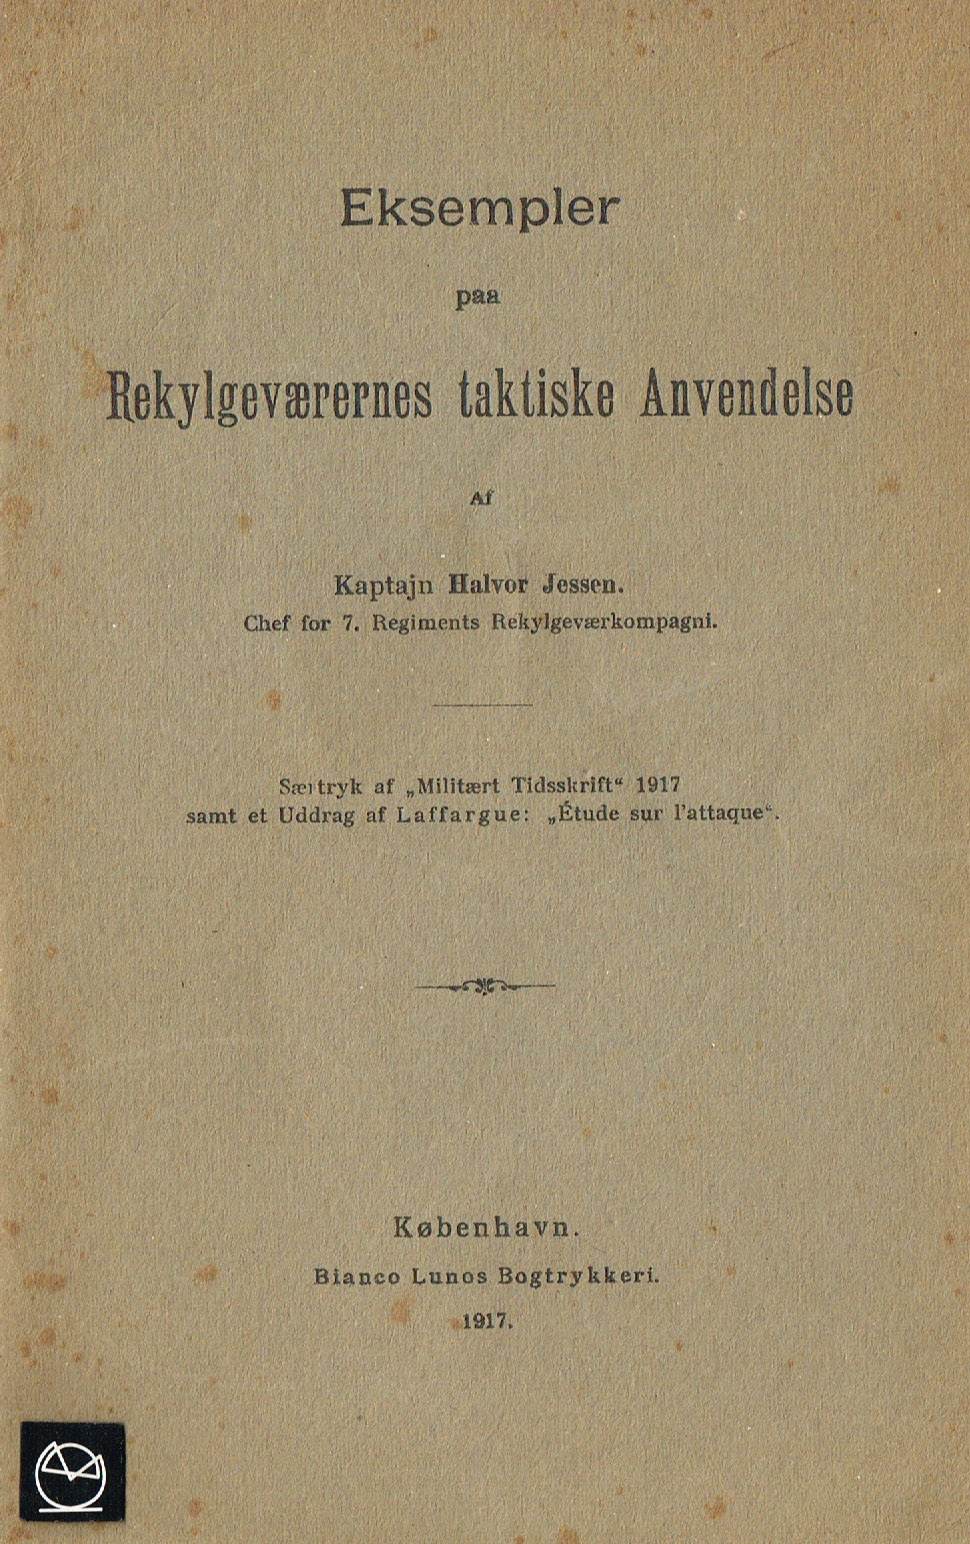 Rekylgeværernes taktiske anvendelse 1917 - pjece